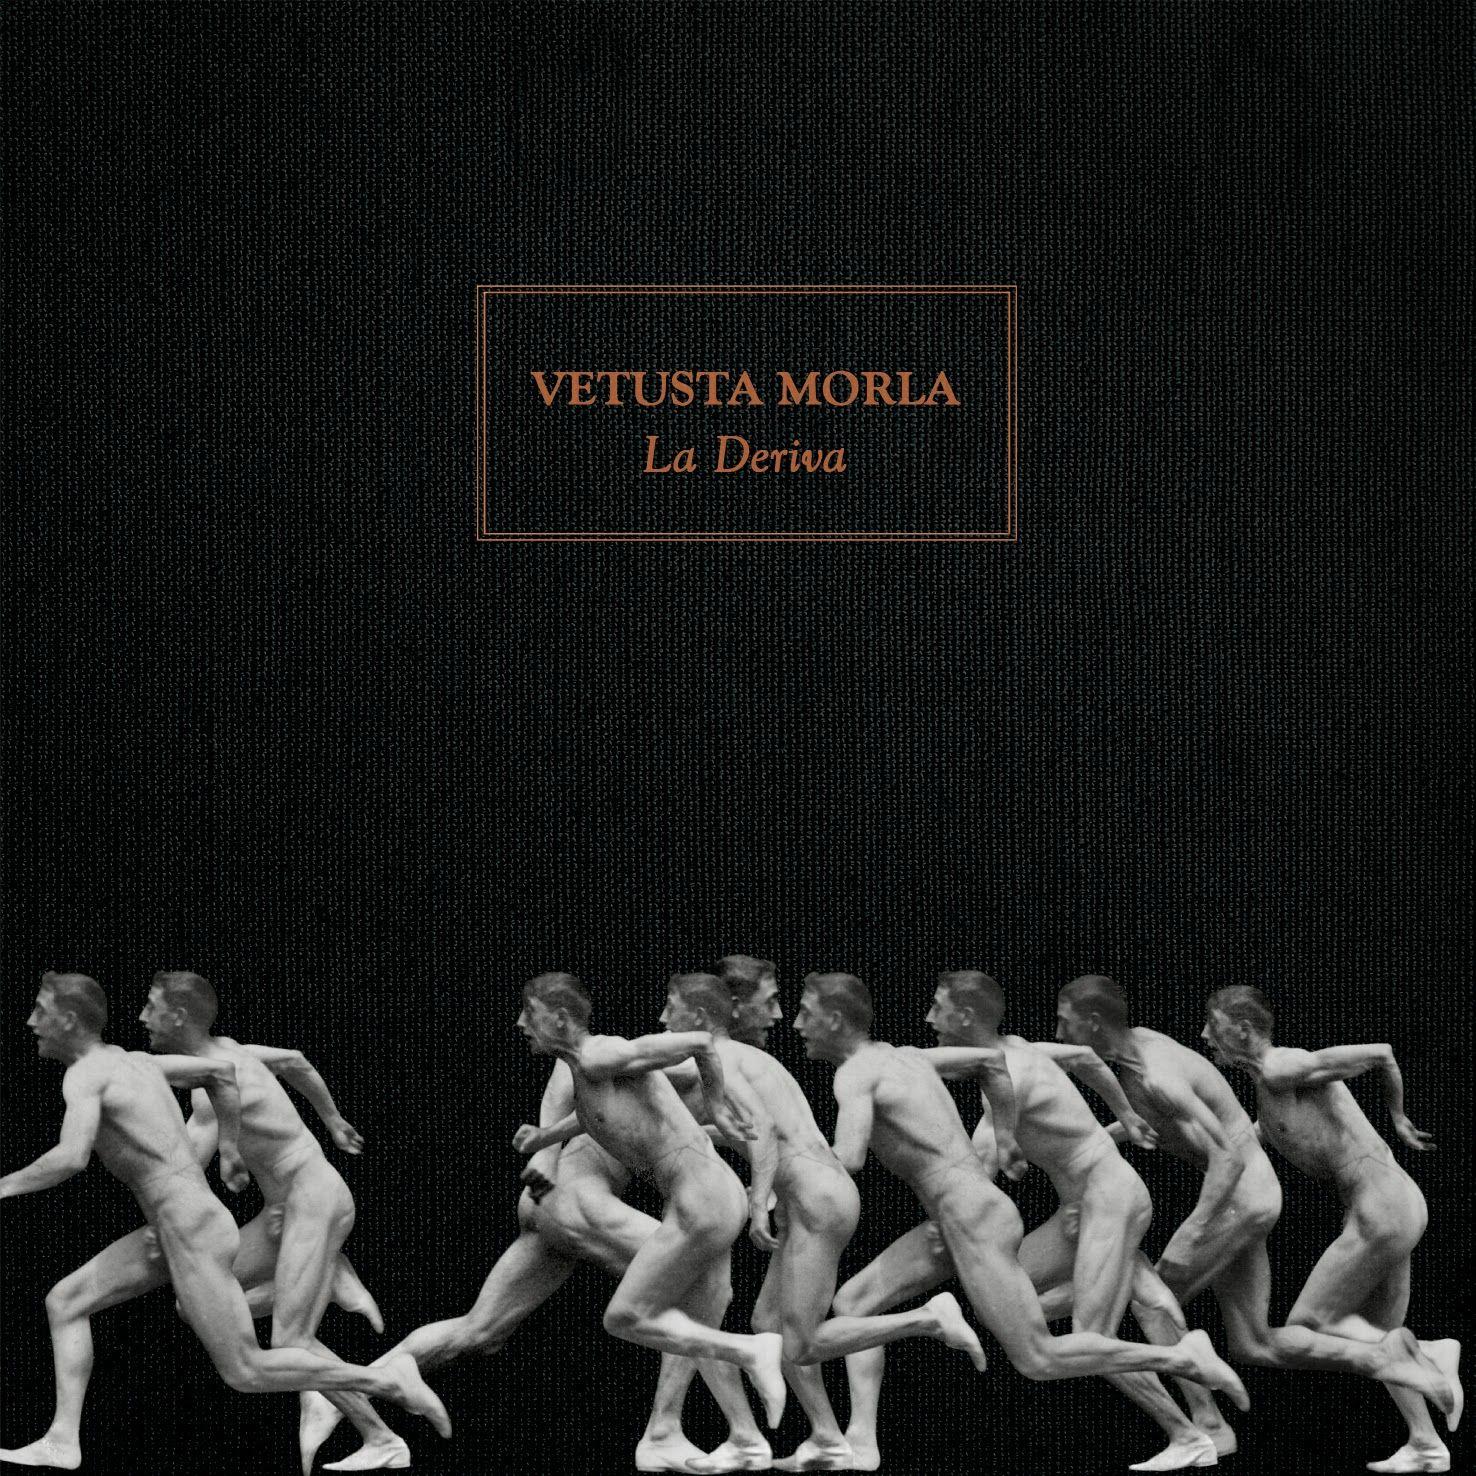 """Enterate como sera el nuevo disco de Vetusta Morla """"La Deriva"""" / Conciertos, portada....   El Mundo de Tulsa"""